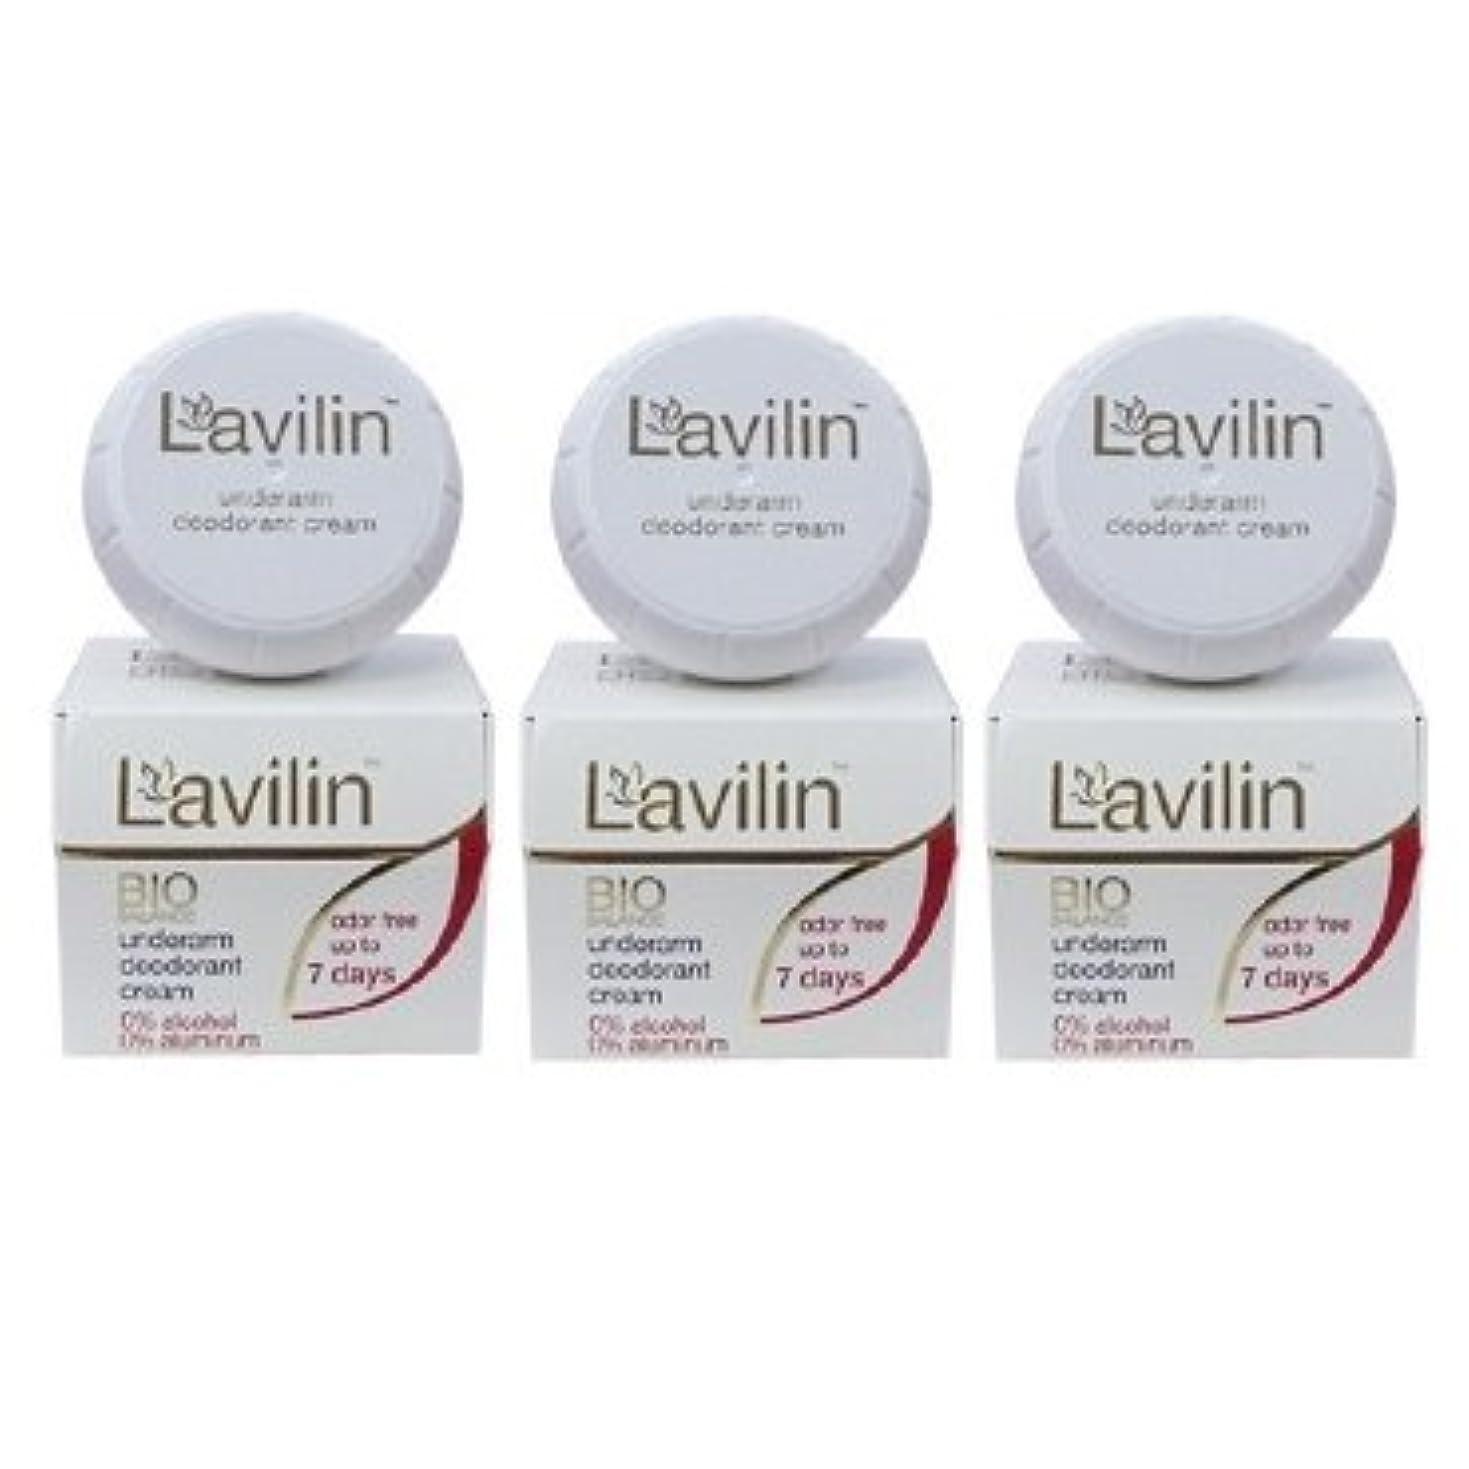 スモッグ削減たまに[3個セット][海外直送品][並行輸入品]ラヴィリン アンダーアームクリーム 12.5g(10cc) LAVILIN Under Arm